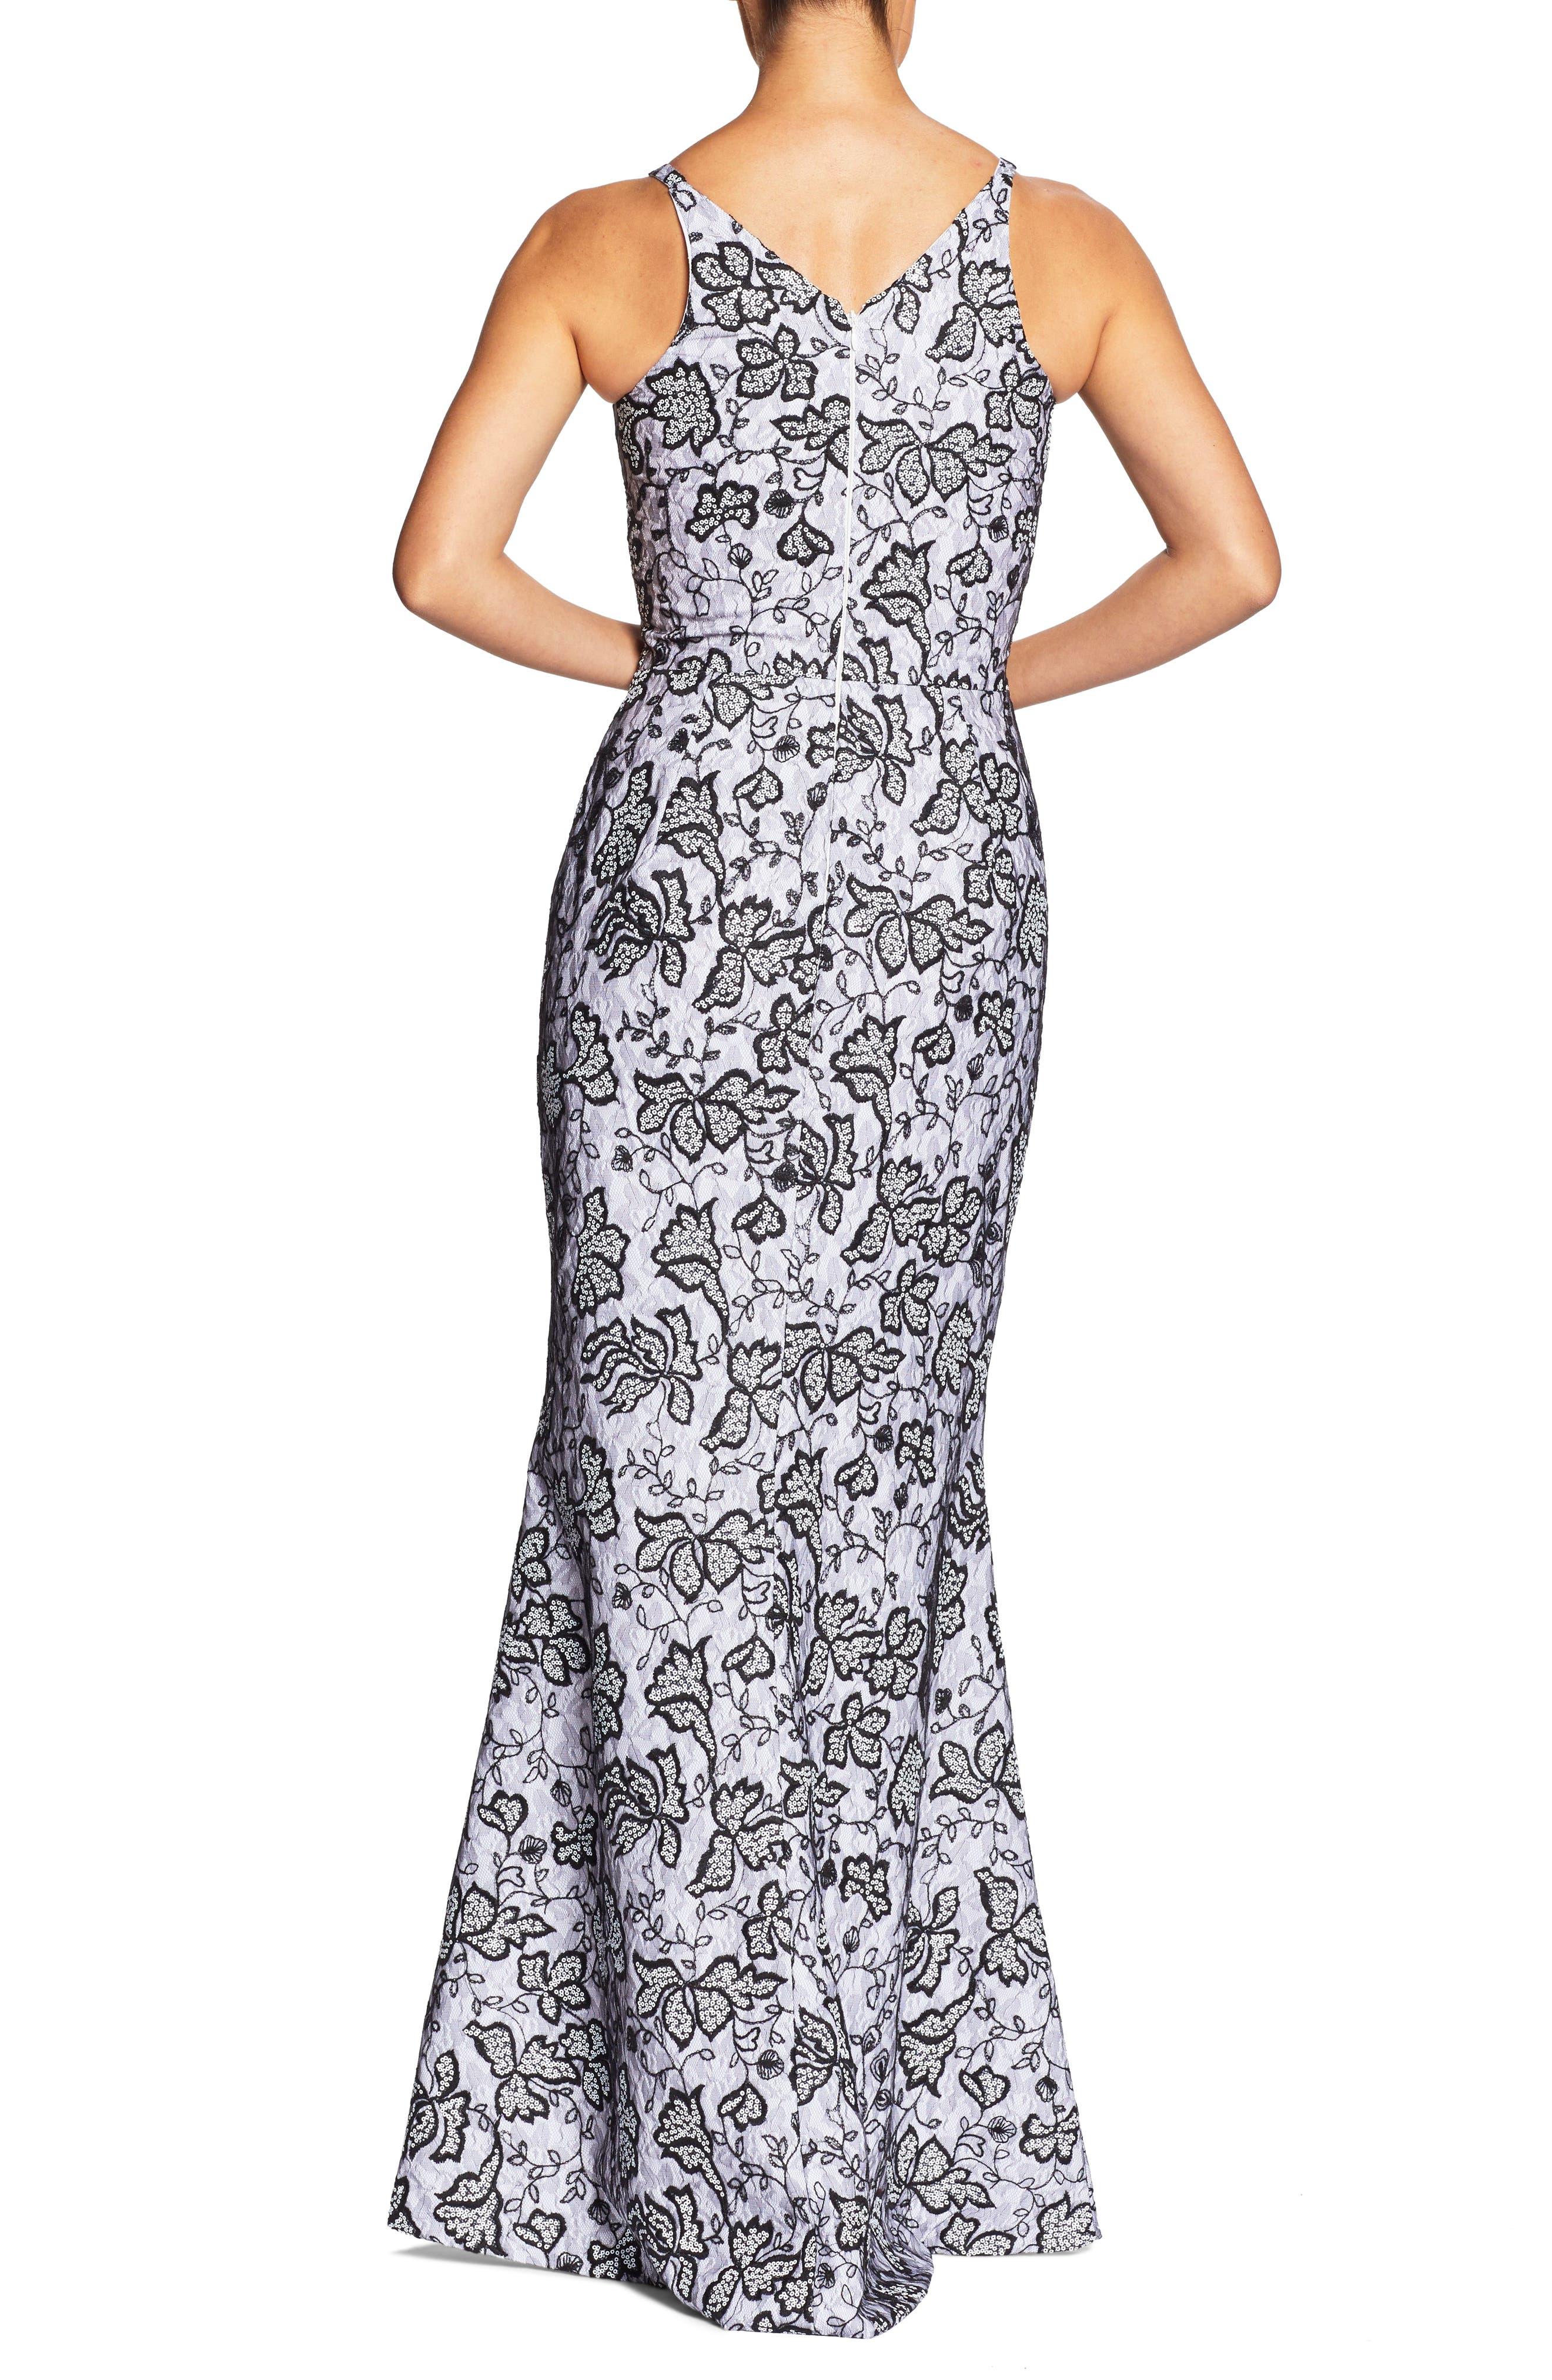 Karen Sequin & Lace Trumpet Gown,                             Alternate thumbnail 2, color,                             WHITE/ BLACK